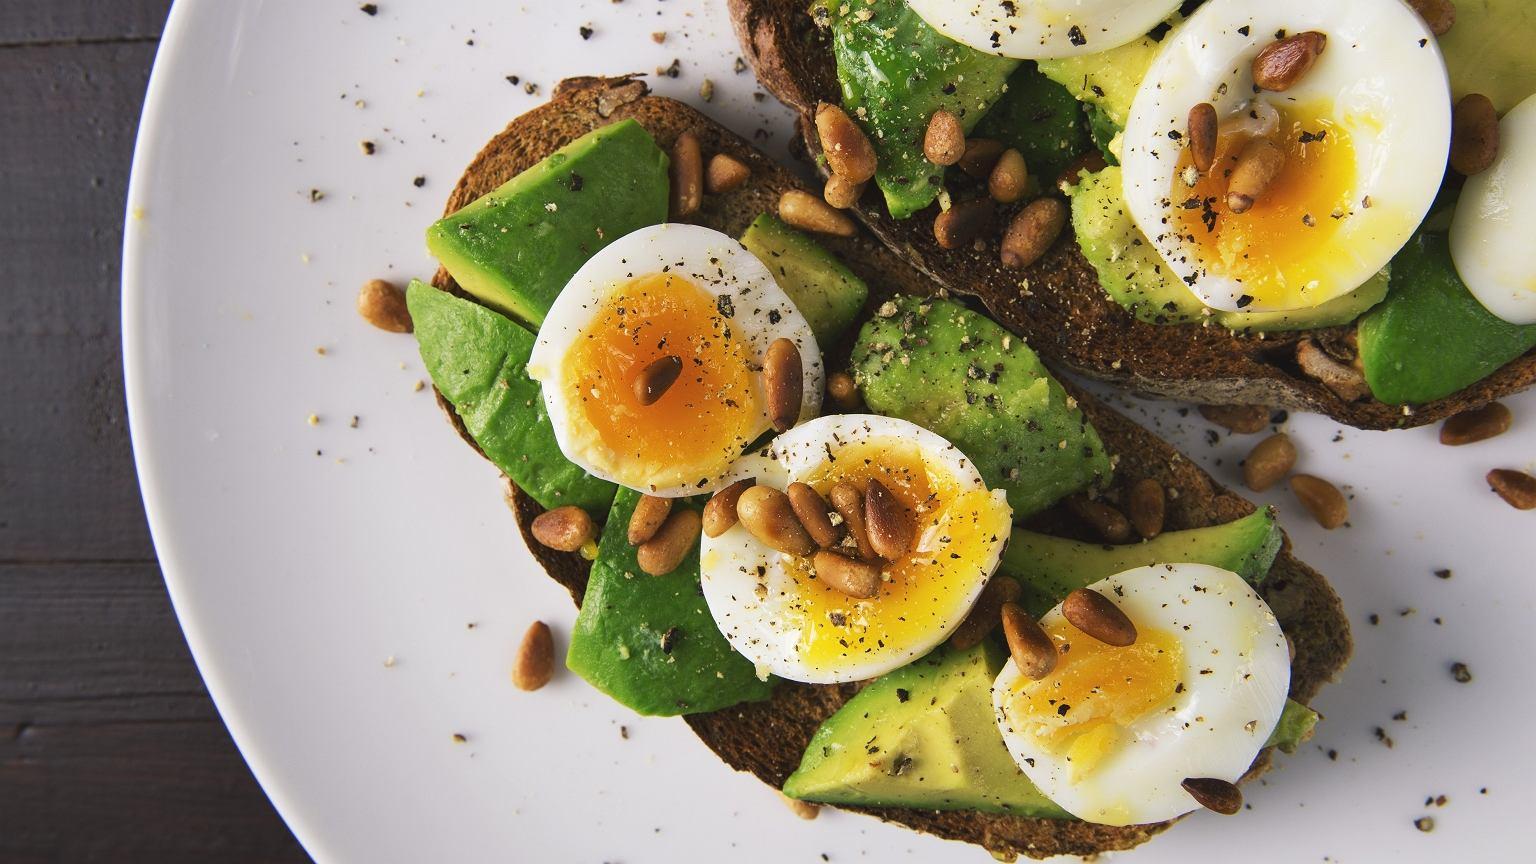 Zbilansowana dieta to podstawa dobrego zdrowia i samopoczucia